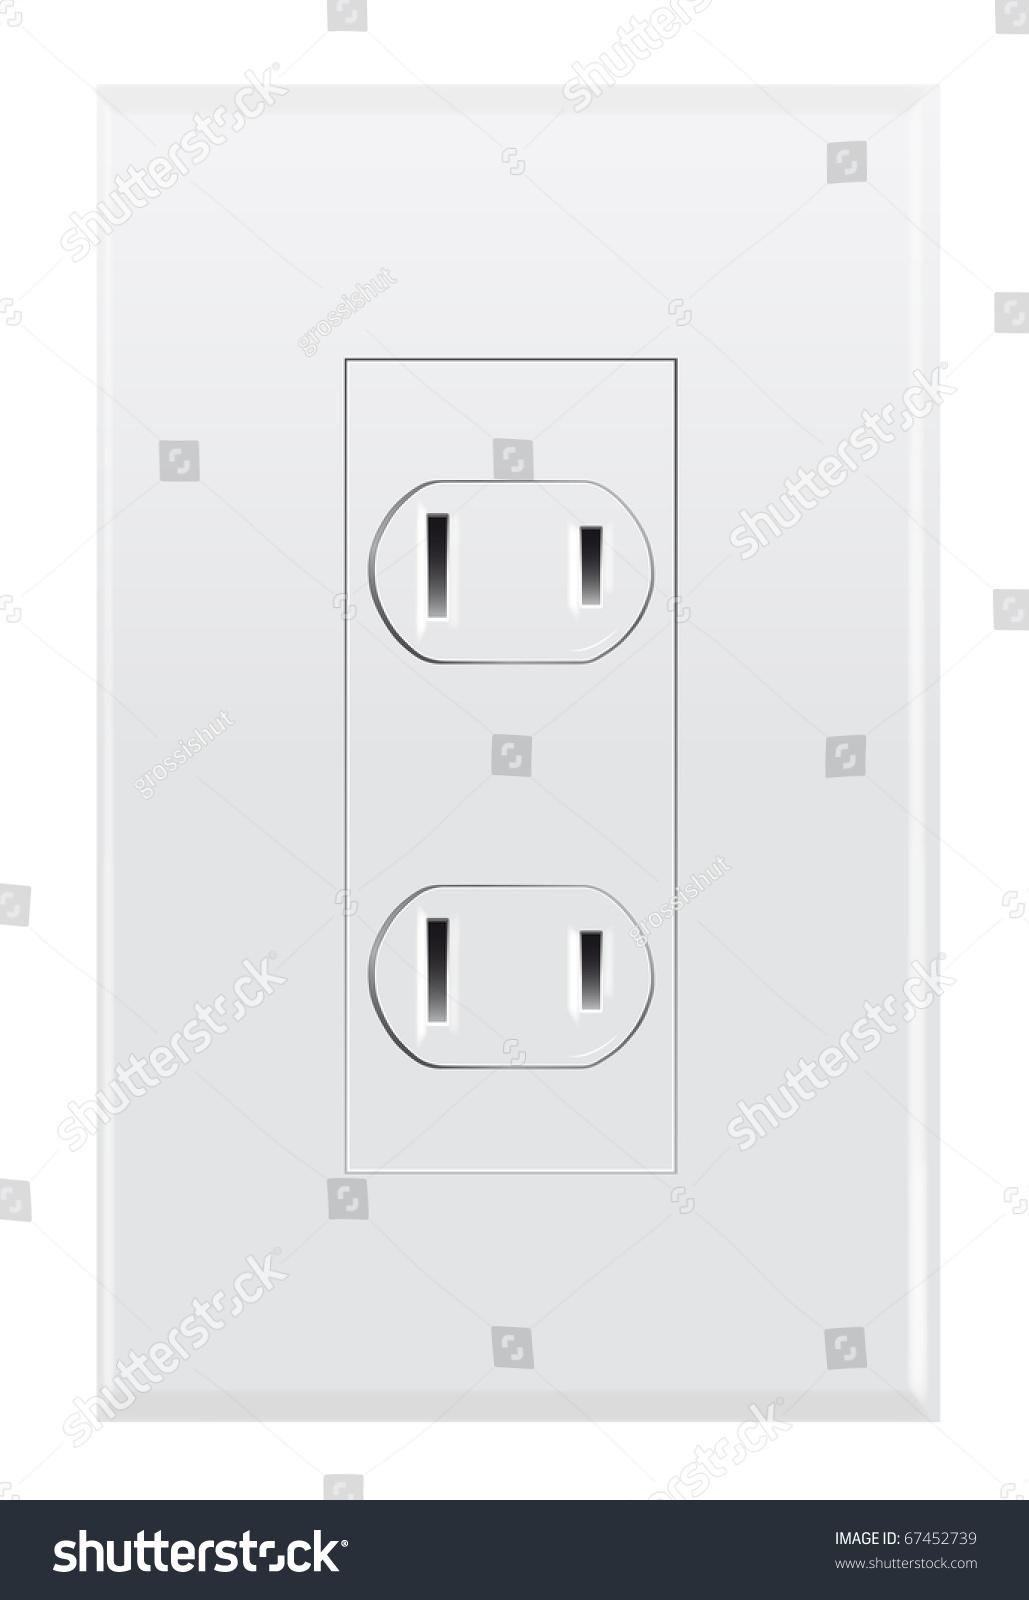 North American Wall Socket Stock Illustration 67452739 - Shutterstock